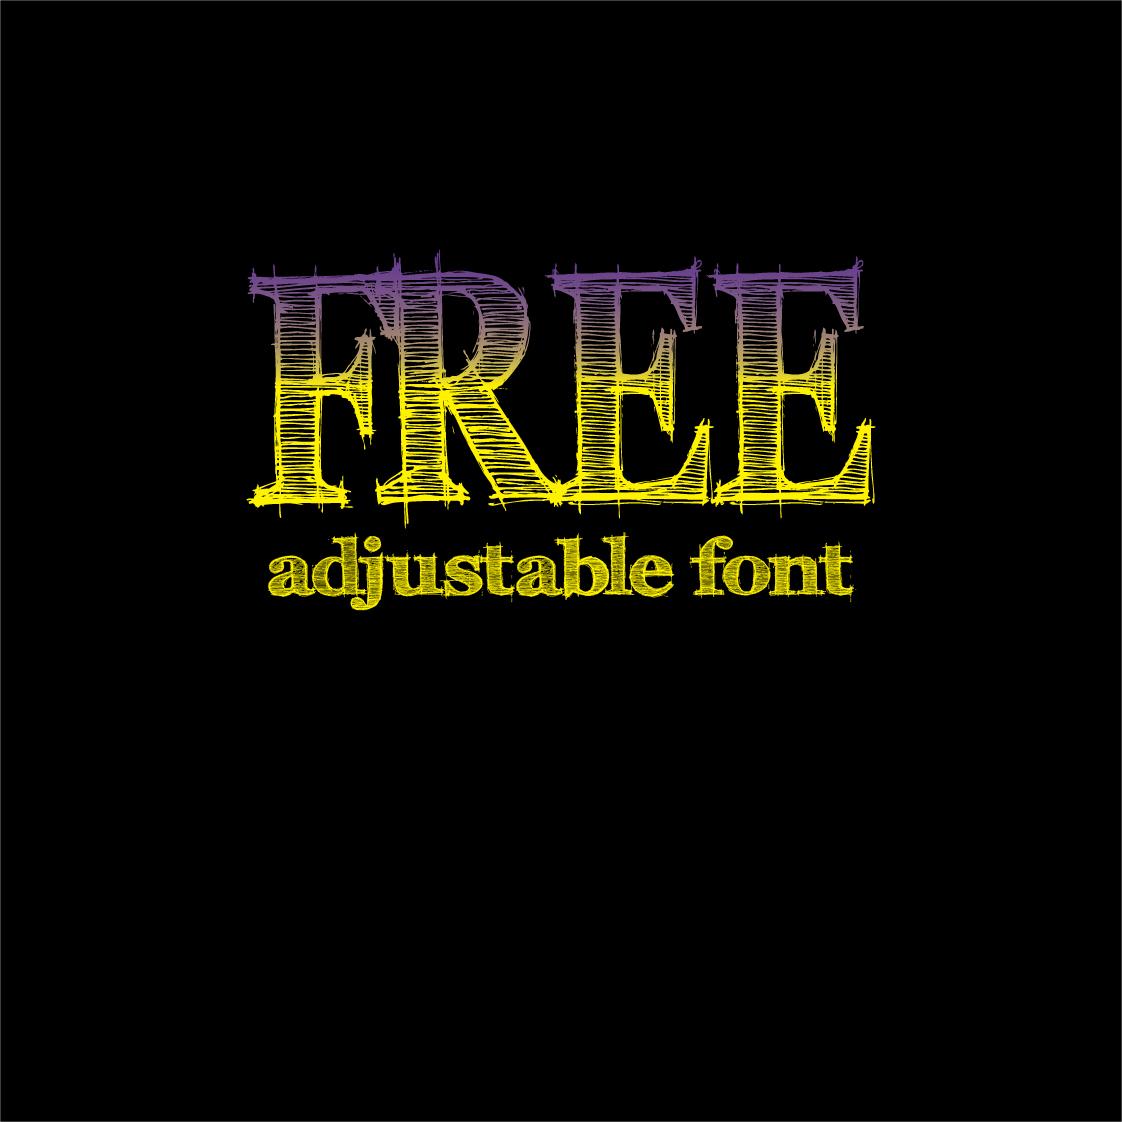 FREE ADJUSTABLE FONT DOWNLOAD